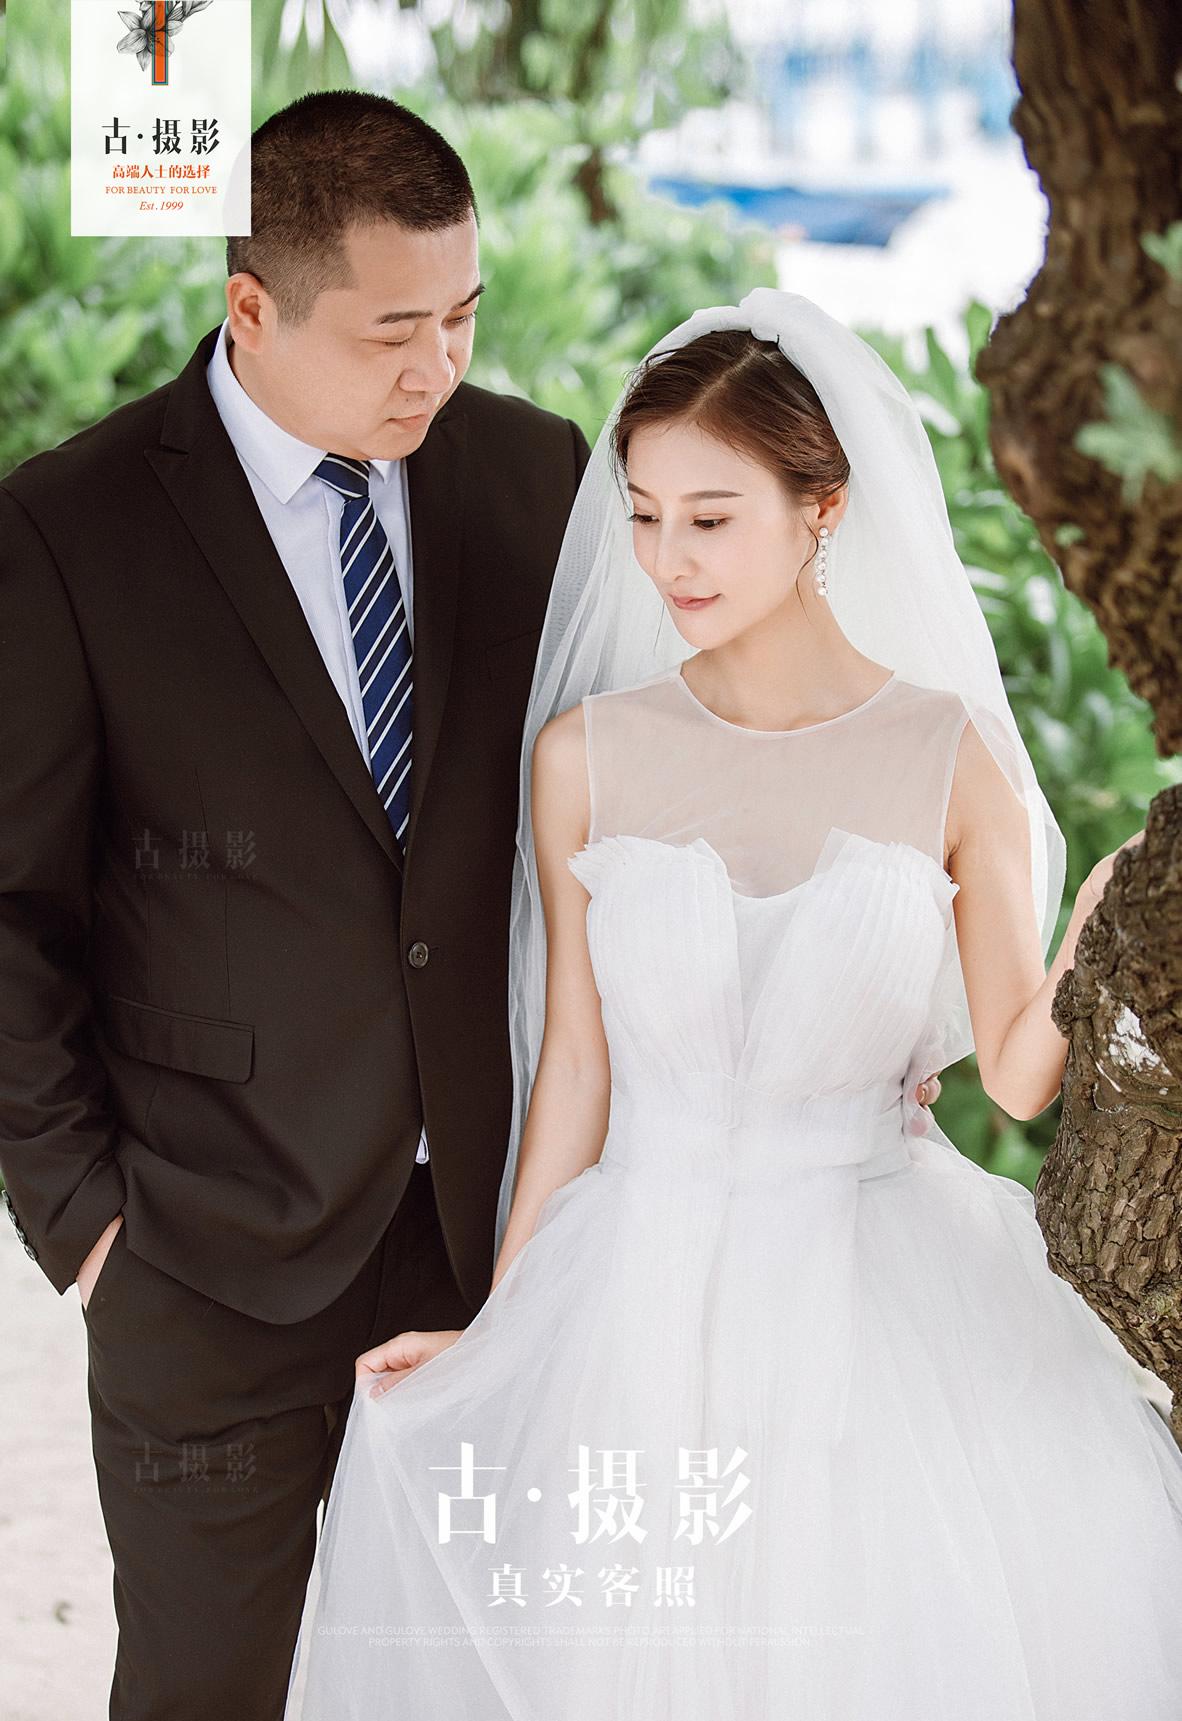 10月2日客片王先生 秦小姐 - 每日客照 - 古摄影婚纱艺术-古摄影成都婚纱摄影艺术摄影网